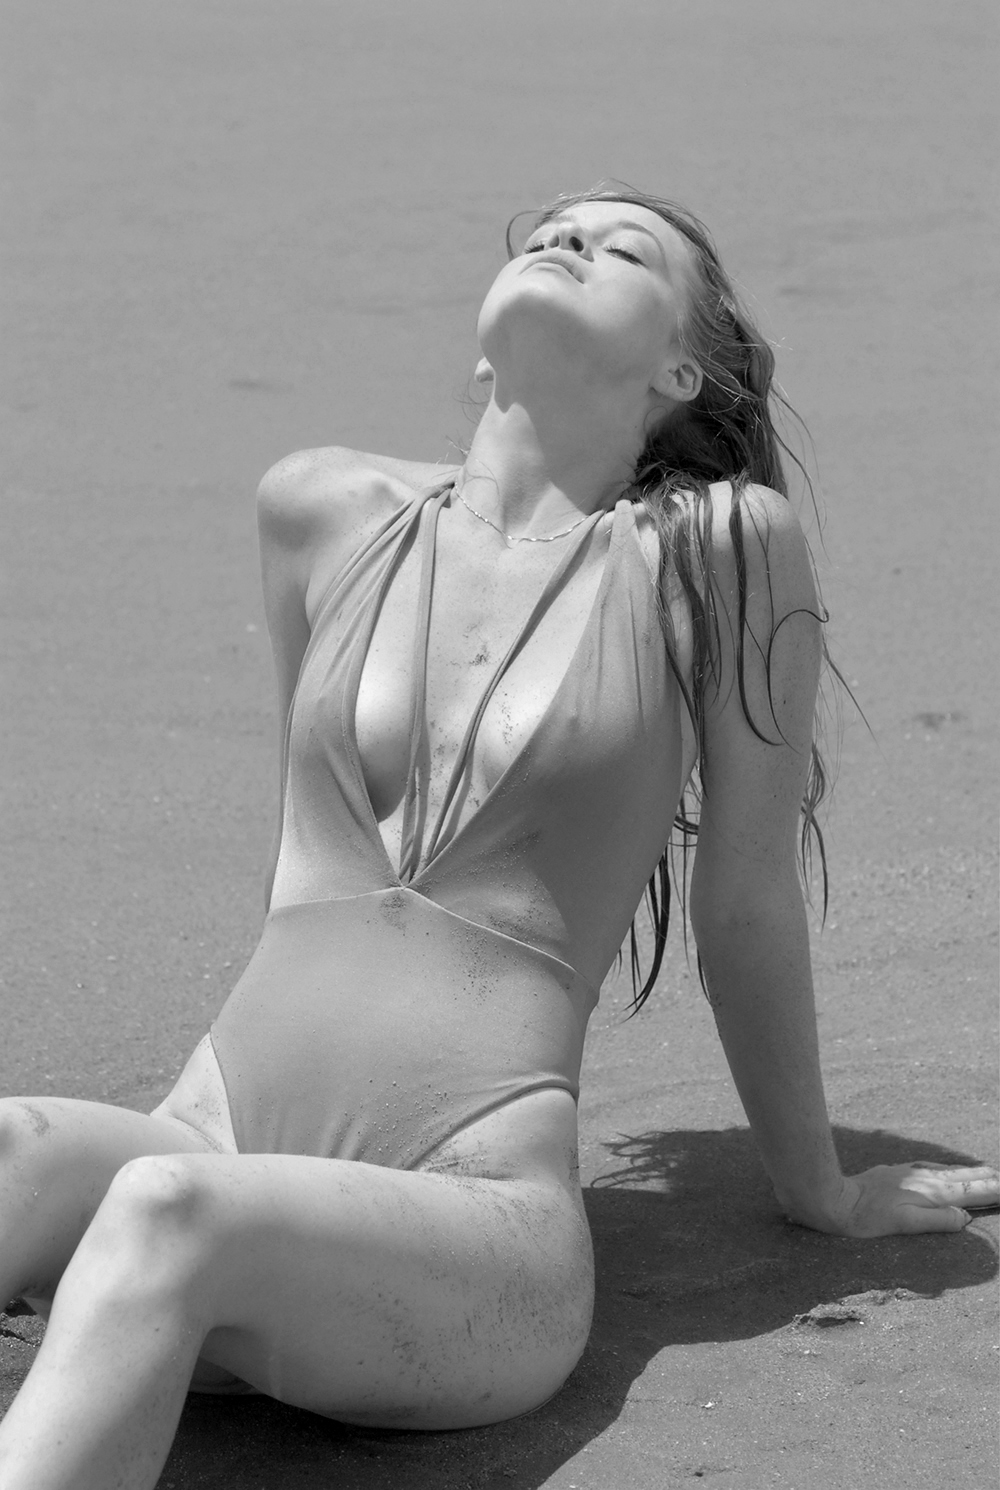 Swimbook_Siempre_Golden_swimsuit_McKenzie_Hatcher_DSC_0099.JPG